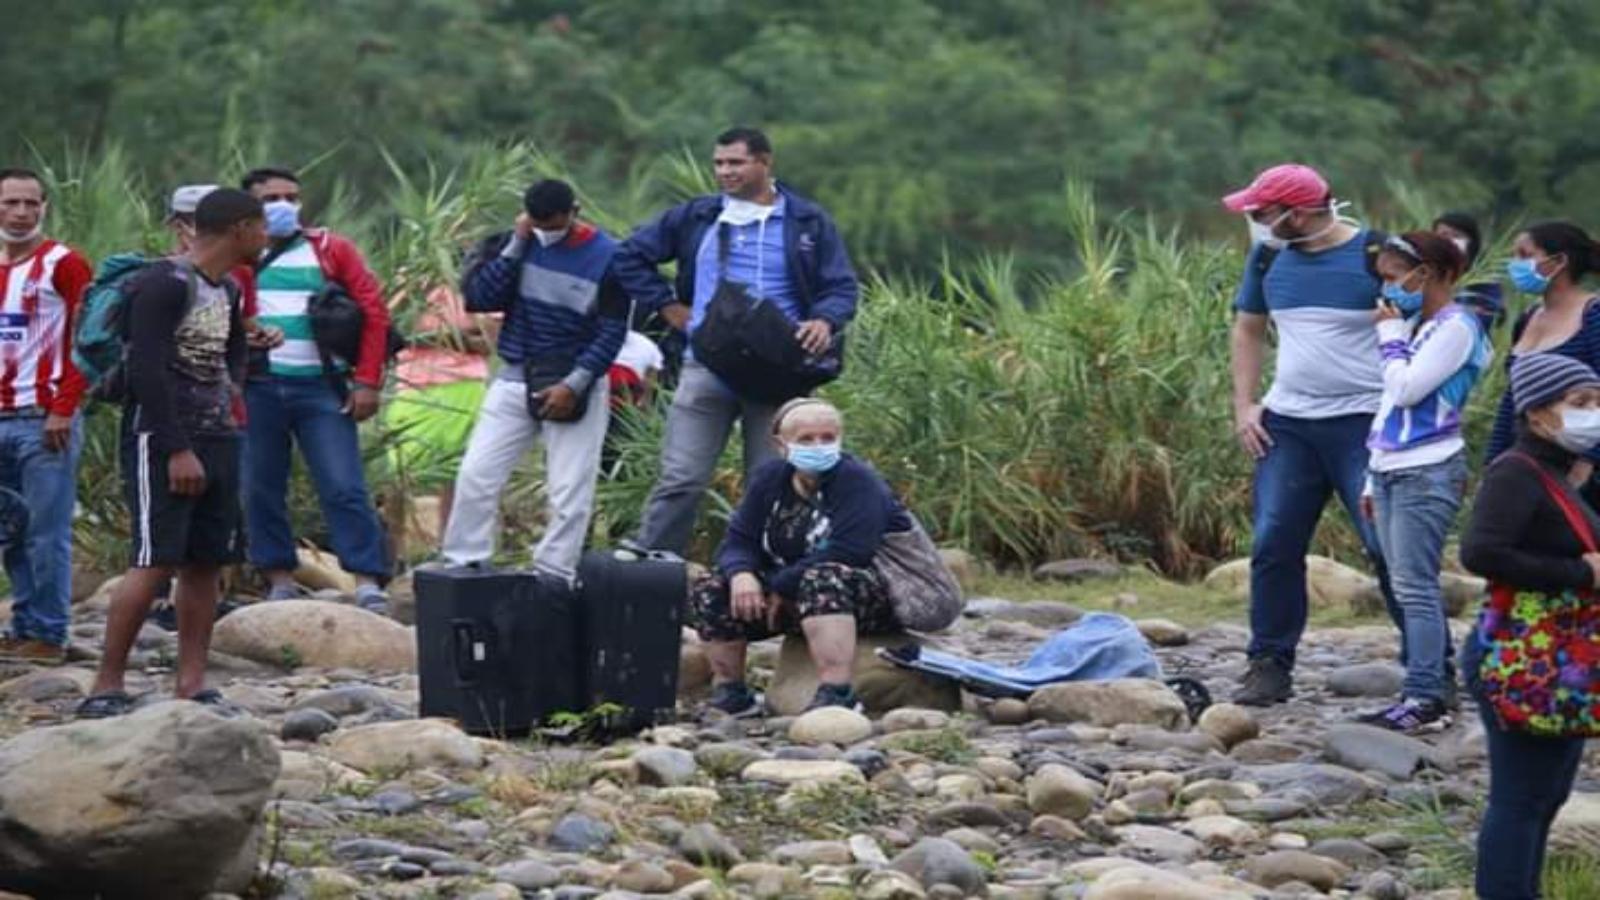 Los seis puntos de la migración que puso en marcha la gerencia de fronteras